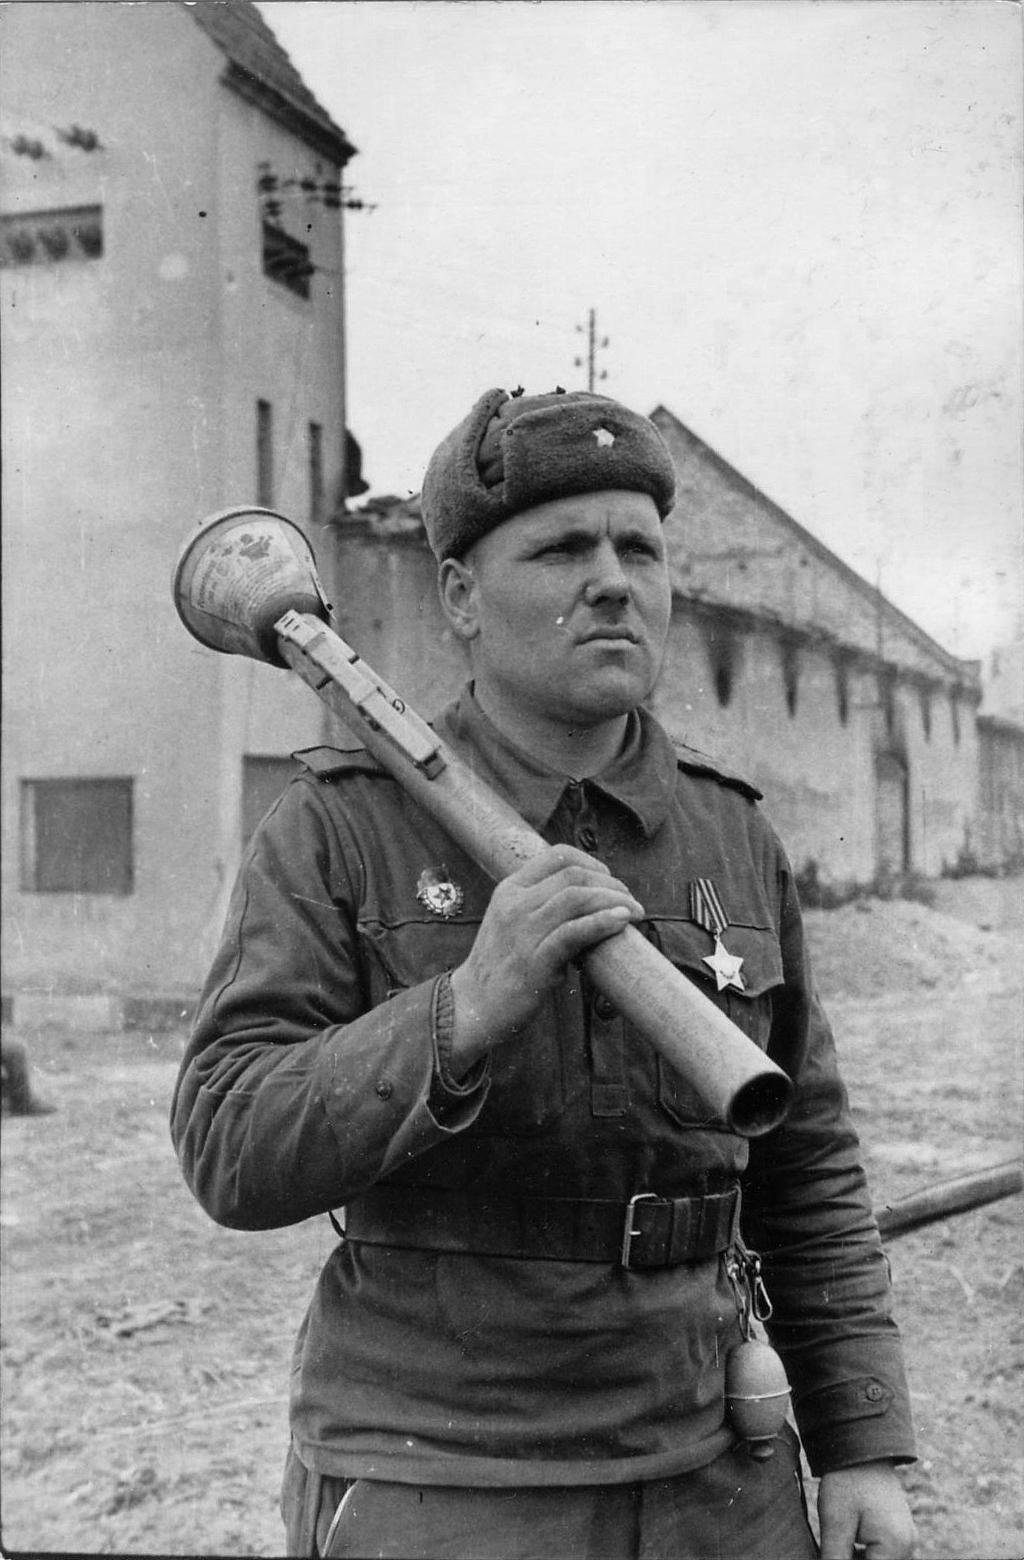 Красноармеец с противотанковым гранатометом фаустпатрон